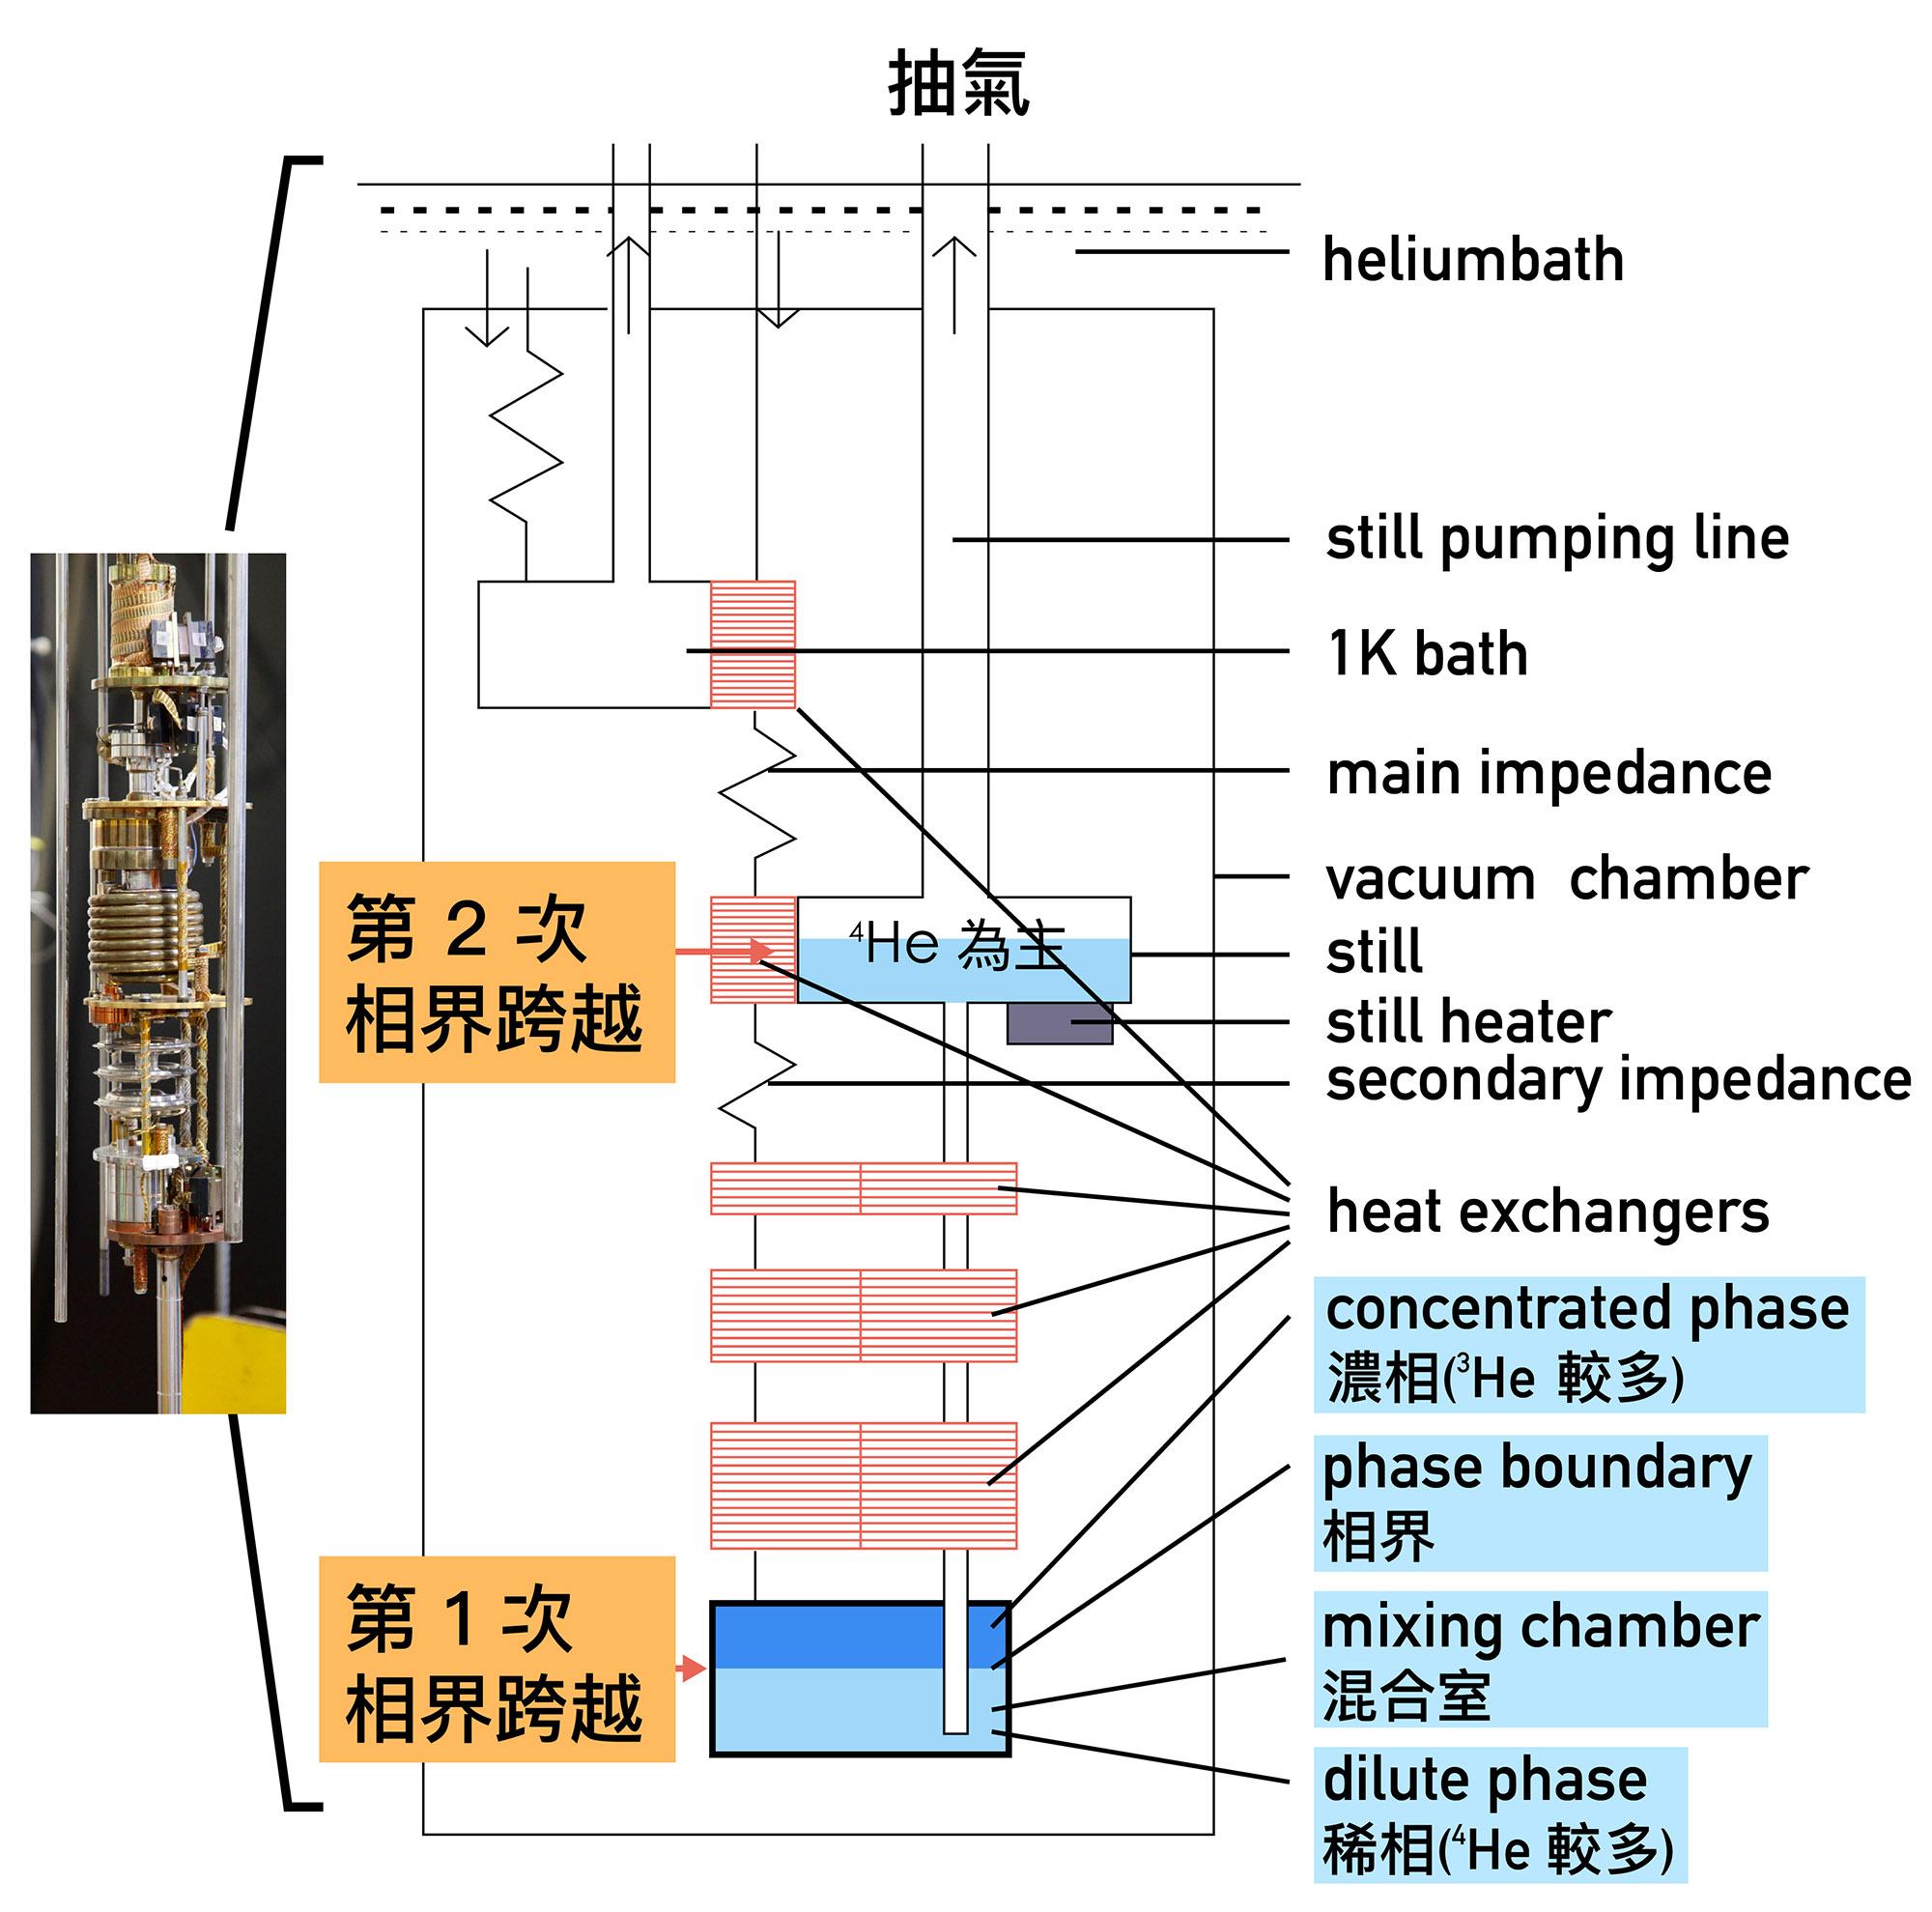 稀冷機的裝置示意圖。mixing chamber 中有兩個不同 3HE 和 4HE 組成的液態相。當對 still 抽氣時,mixing chamber 中濃相區(深藍色區塊)的 3HE 會被抽走,下層中稀相區中的 3HE 會穿越過兩相間的界面補充上層濃相區被抽走的 3HE ,此種類似蒸發的作用會帶走熱量, 3HE 再穿越至 still 區蒸發、將熱量帶走,而能降低溫度。 資料來源│陳洋元  圖說重製│廖英凱、張語辰